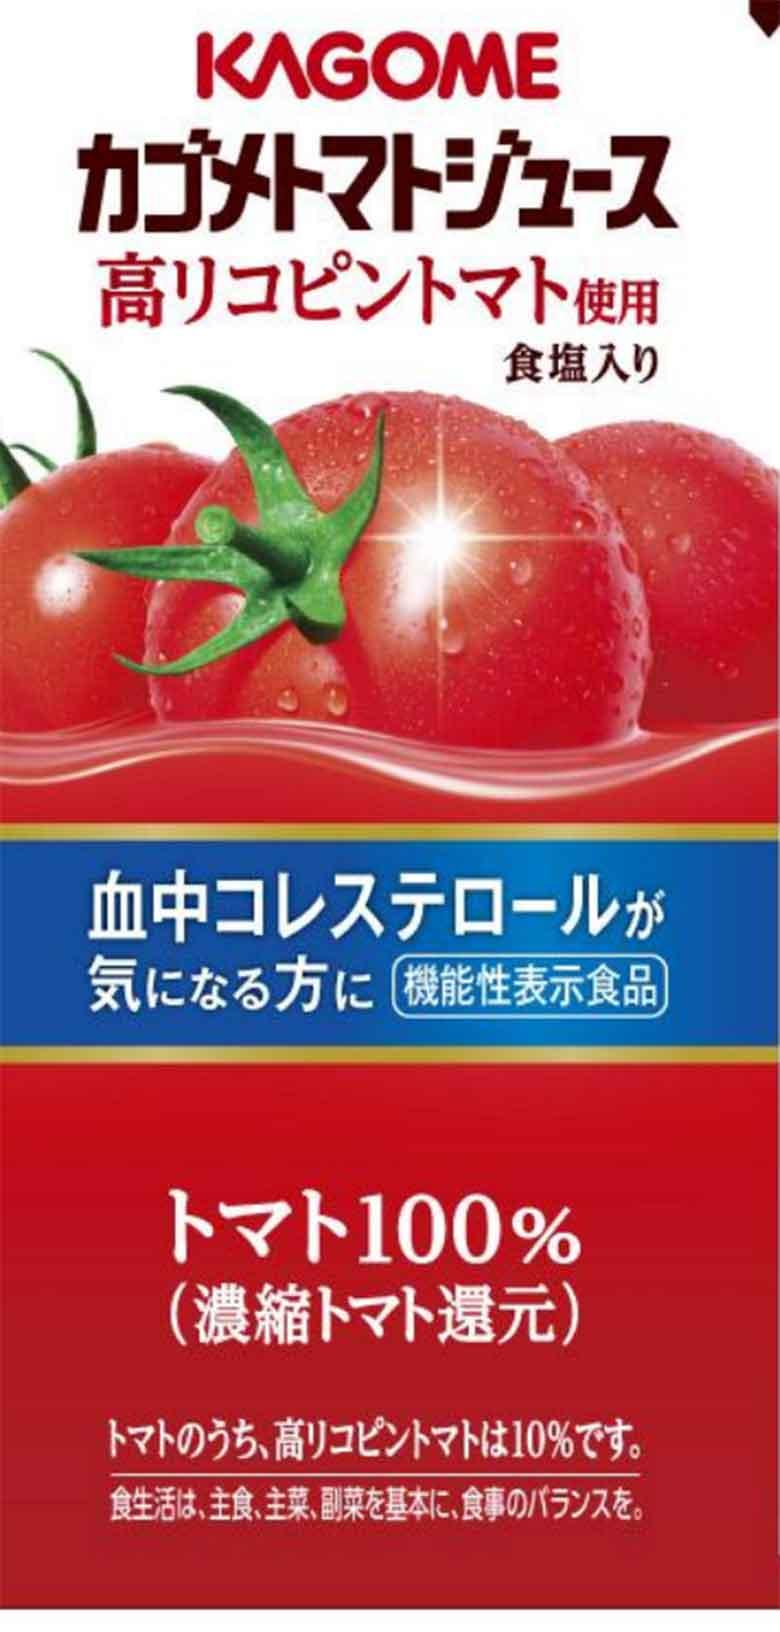 カゴメトマトジュース高リコピントマト使用食塩入り